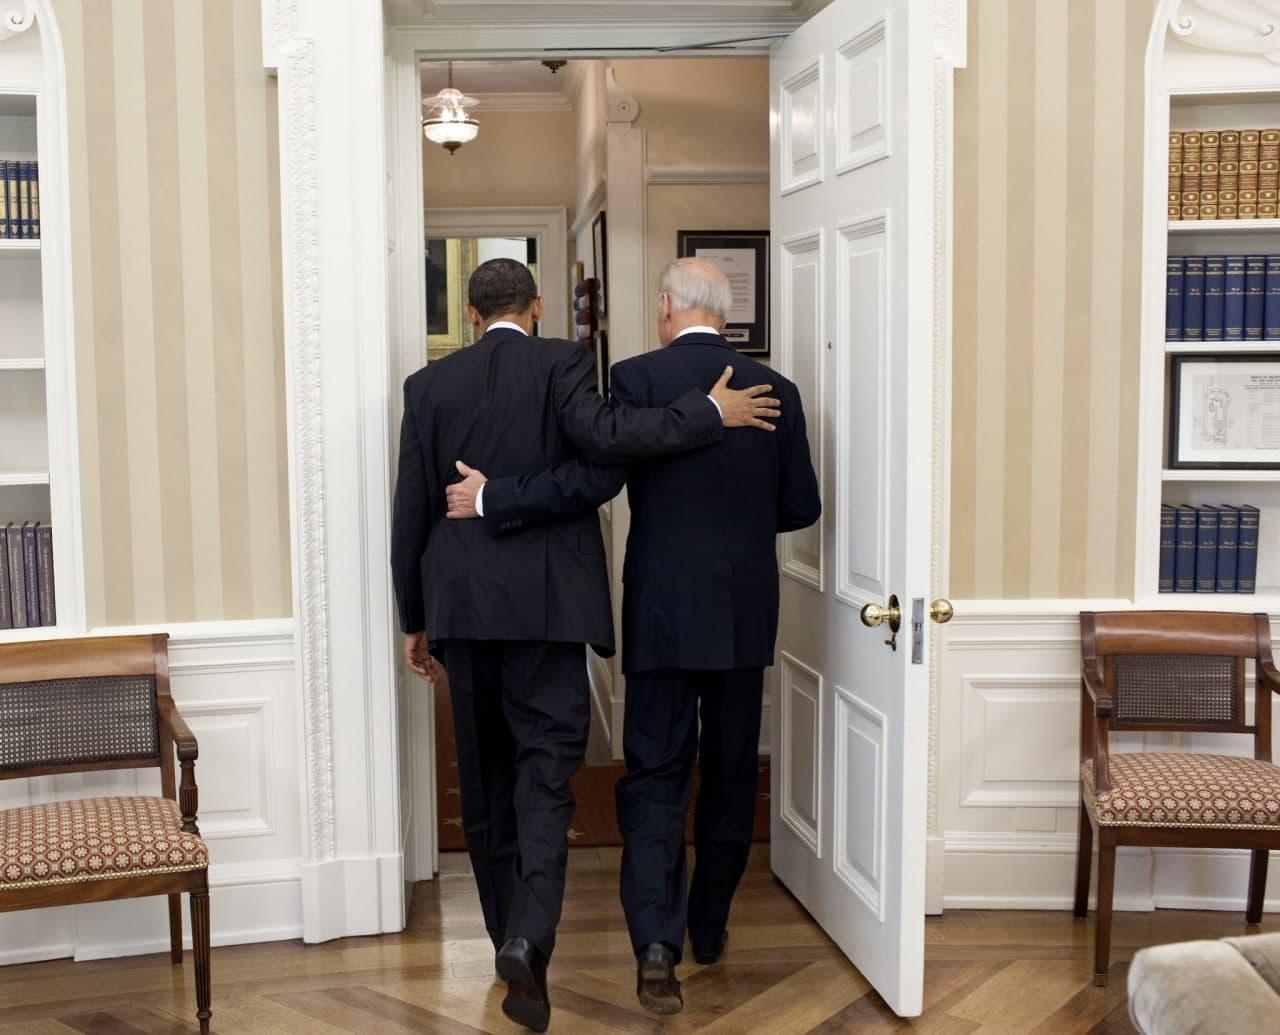 باراک اوباما با انتشار این تصویر، آغاز ریاست جمهوری بایدن را به او تبریک گفت